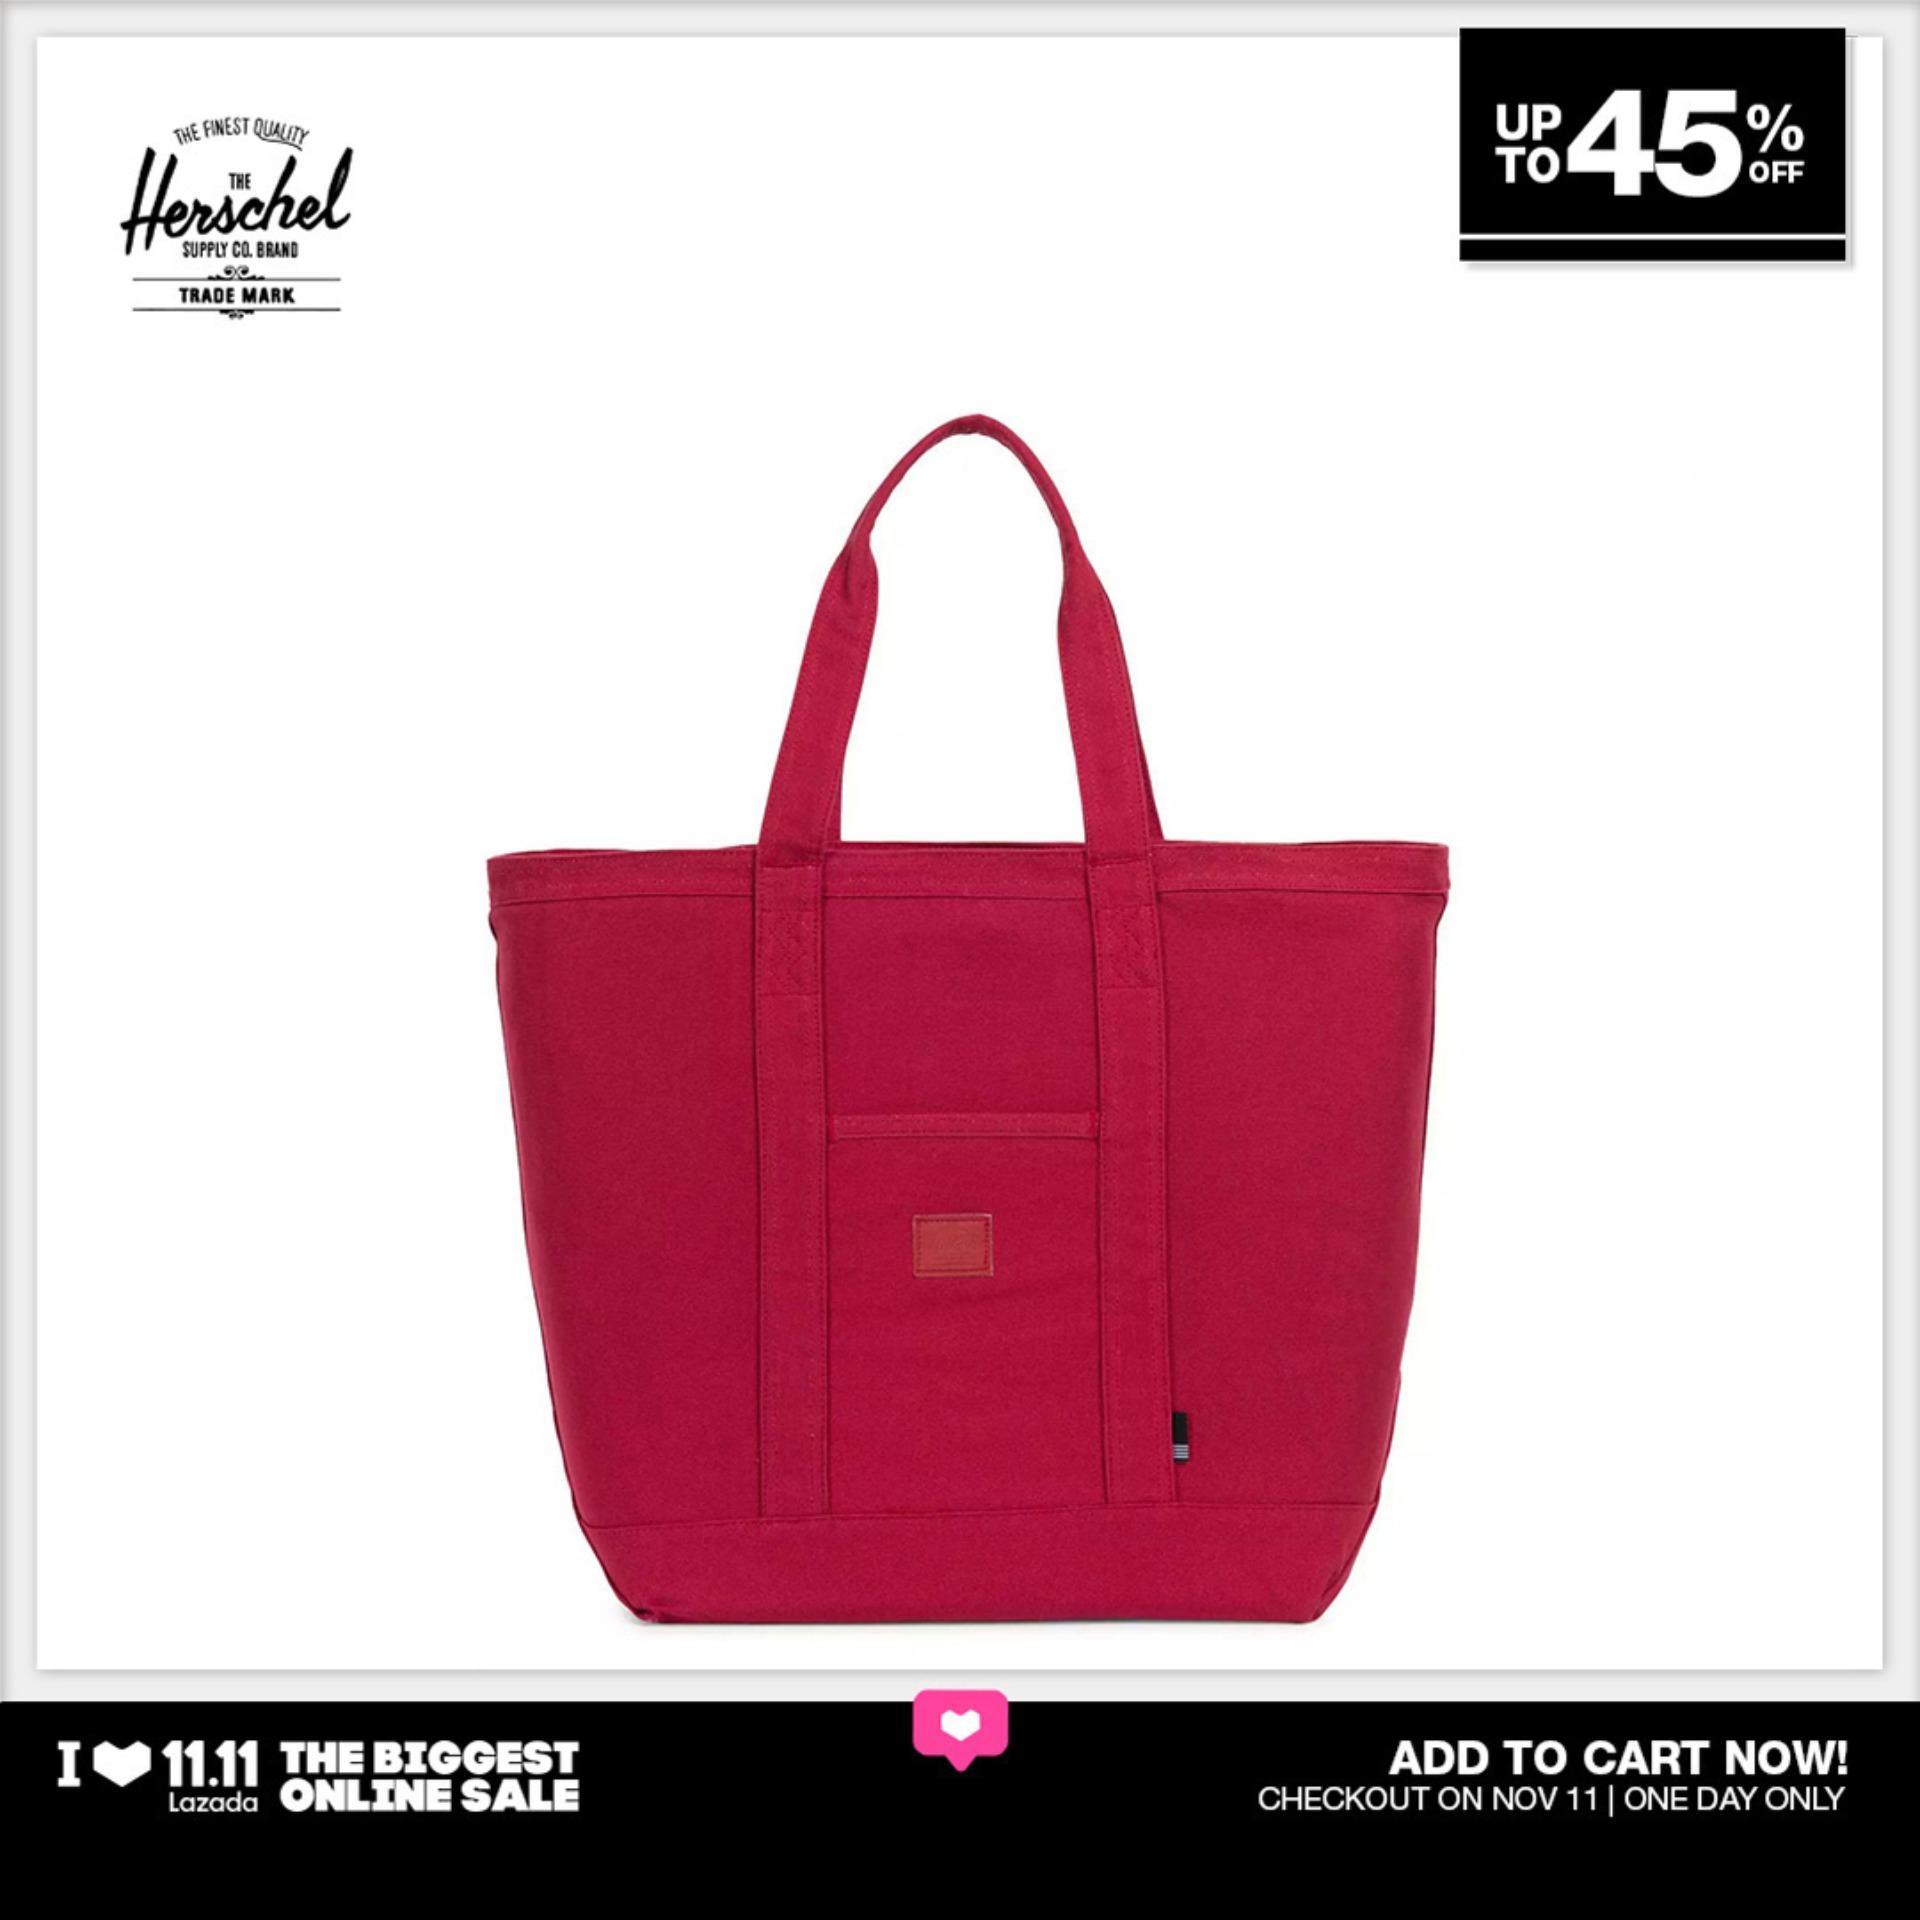 Herschel Bamfield Mid-Volume - Brick Red